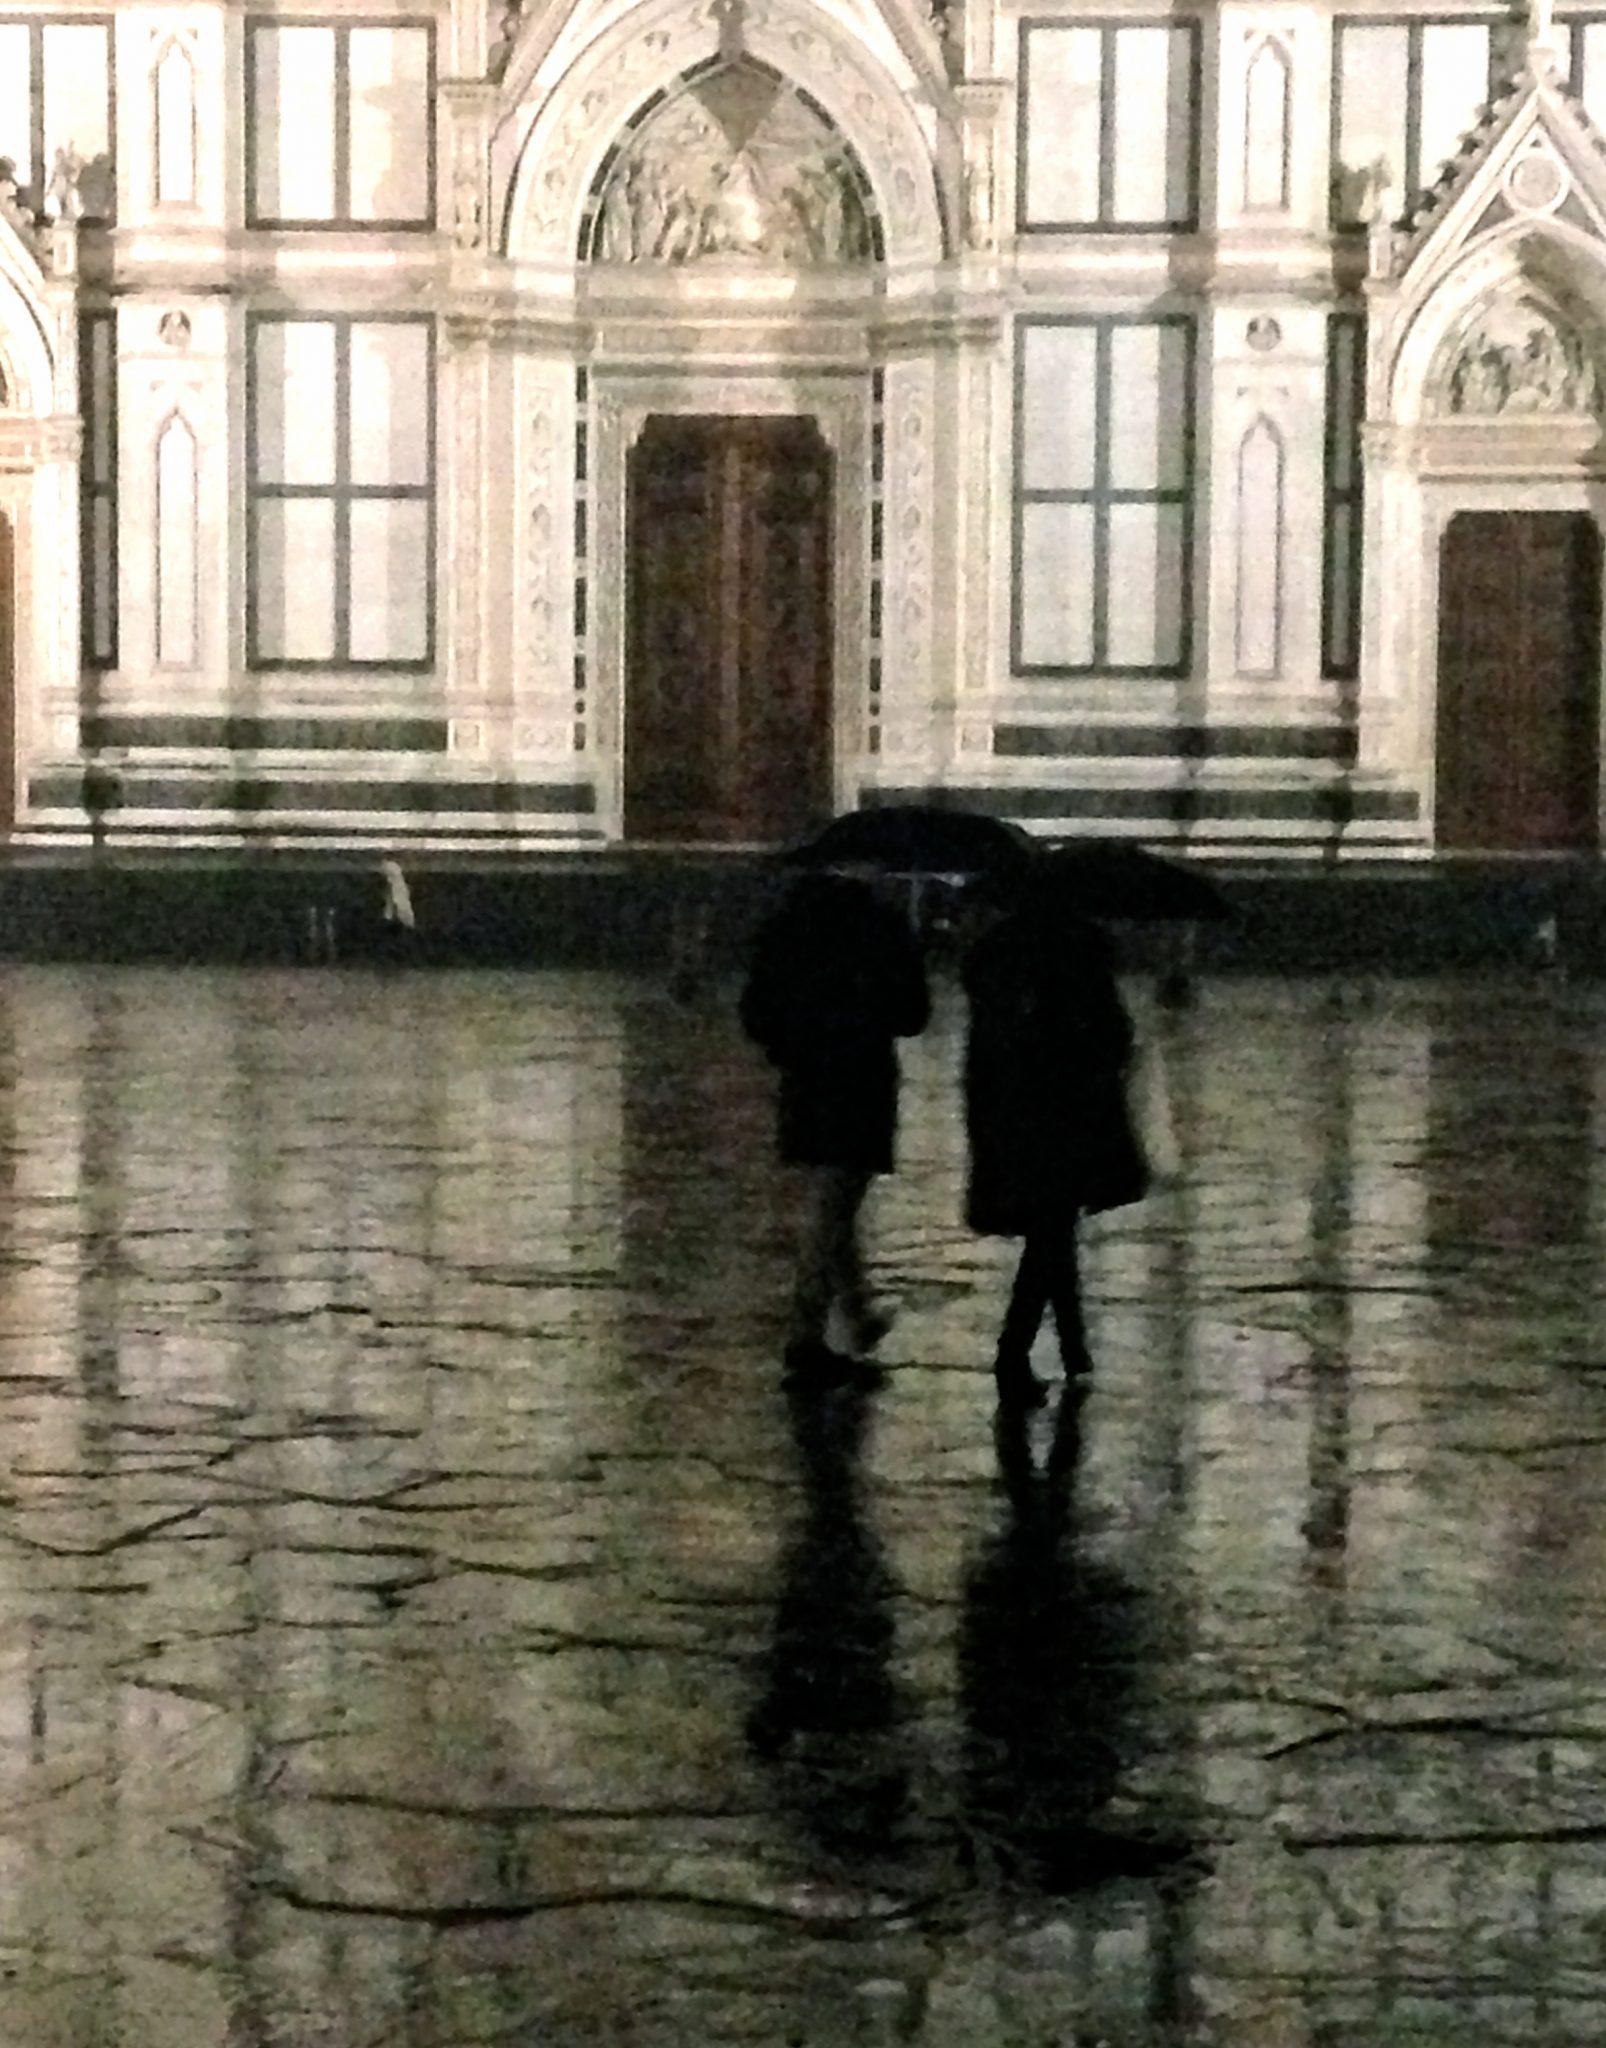 Massimo Adinolfi - Sotto la pioggia a Santa Croce, Firenze 2013